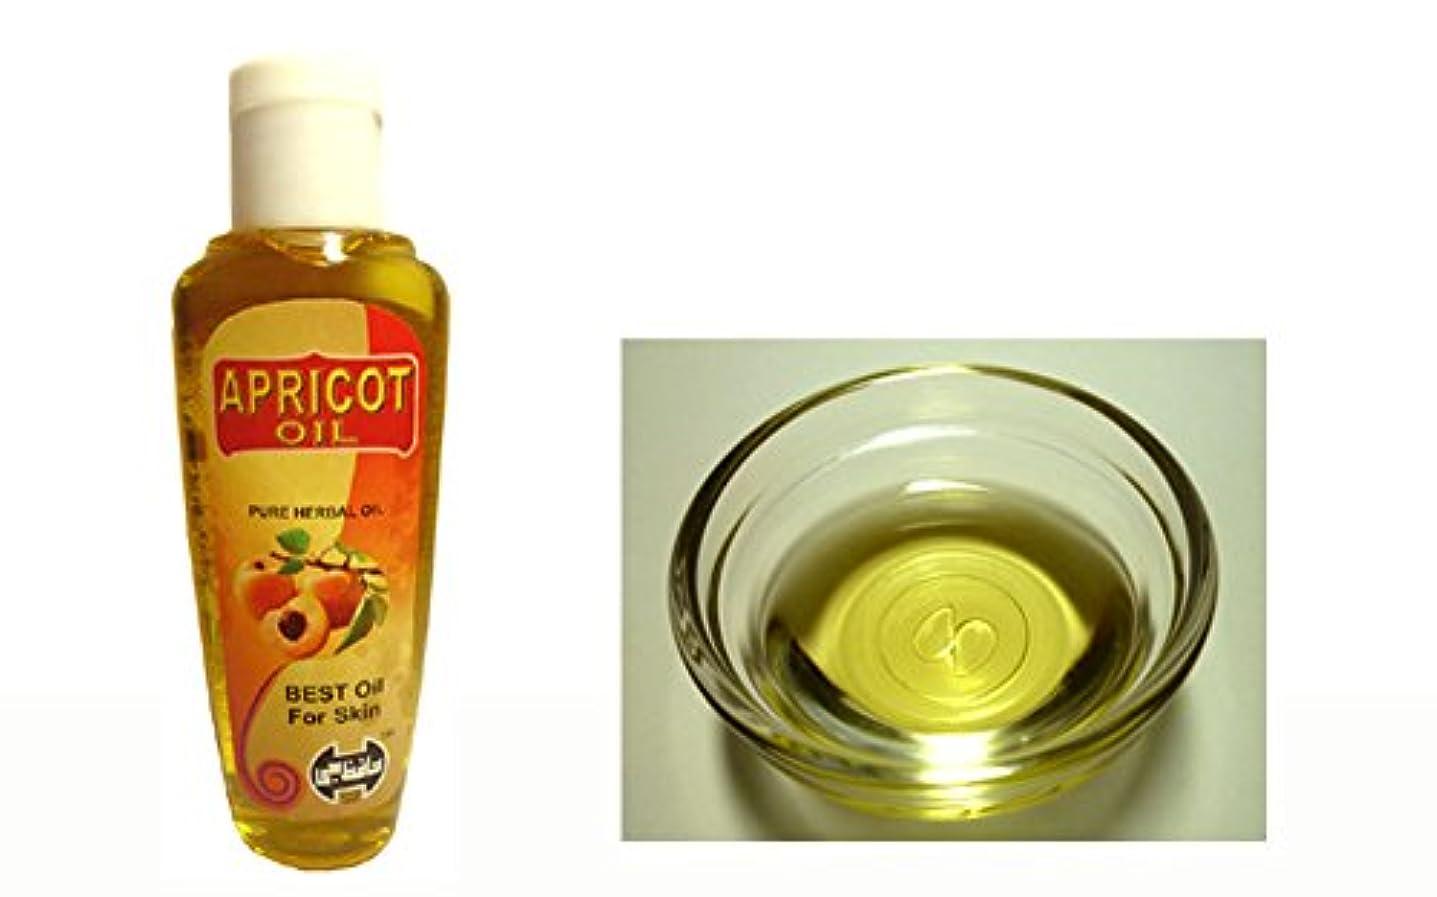 支店変換アトムハーフィズ ヂー アプリコット オイル 70ml (100% ピュアアプリコット) HAFIZ JEE APRICOT OIL PURE HERBAL(BEST Oil For Skin)